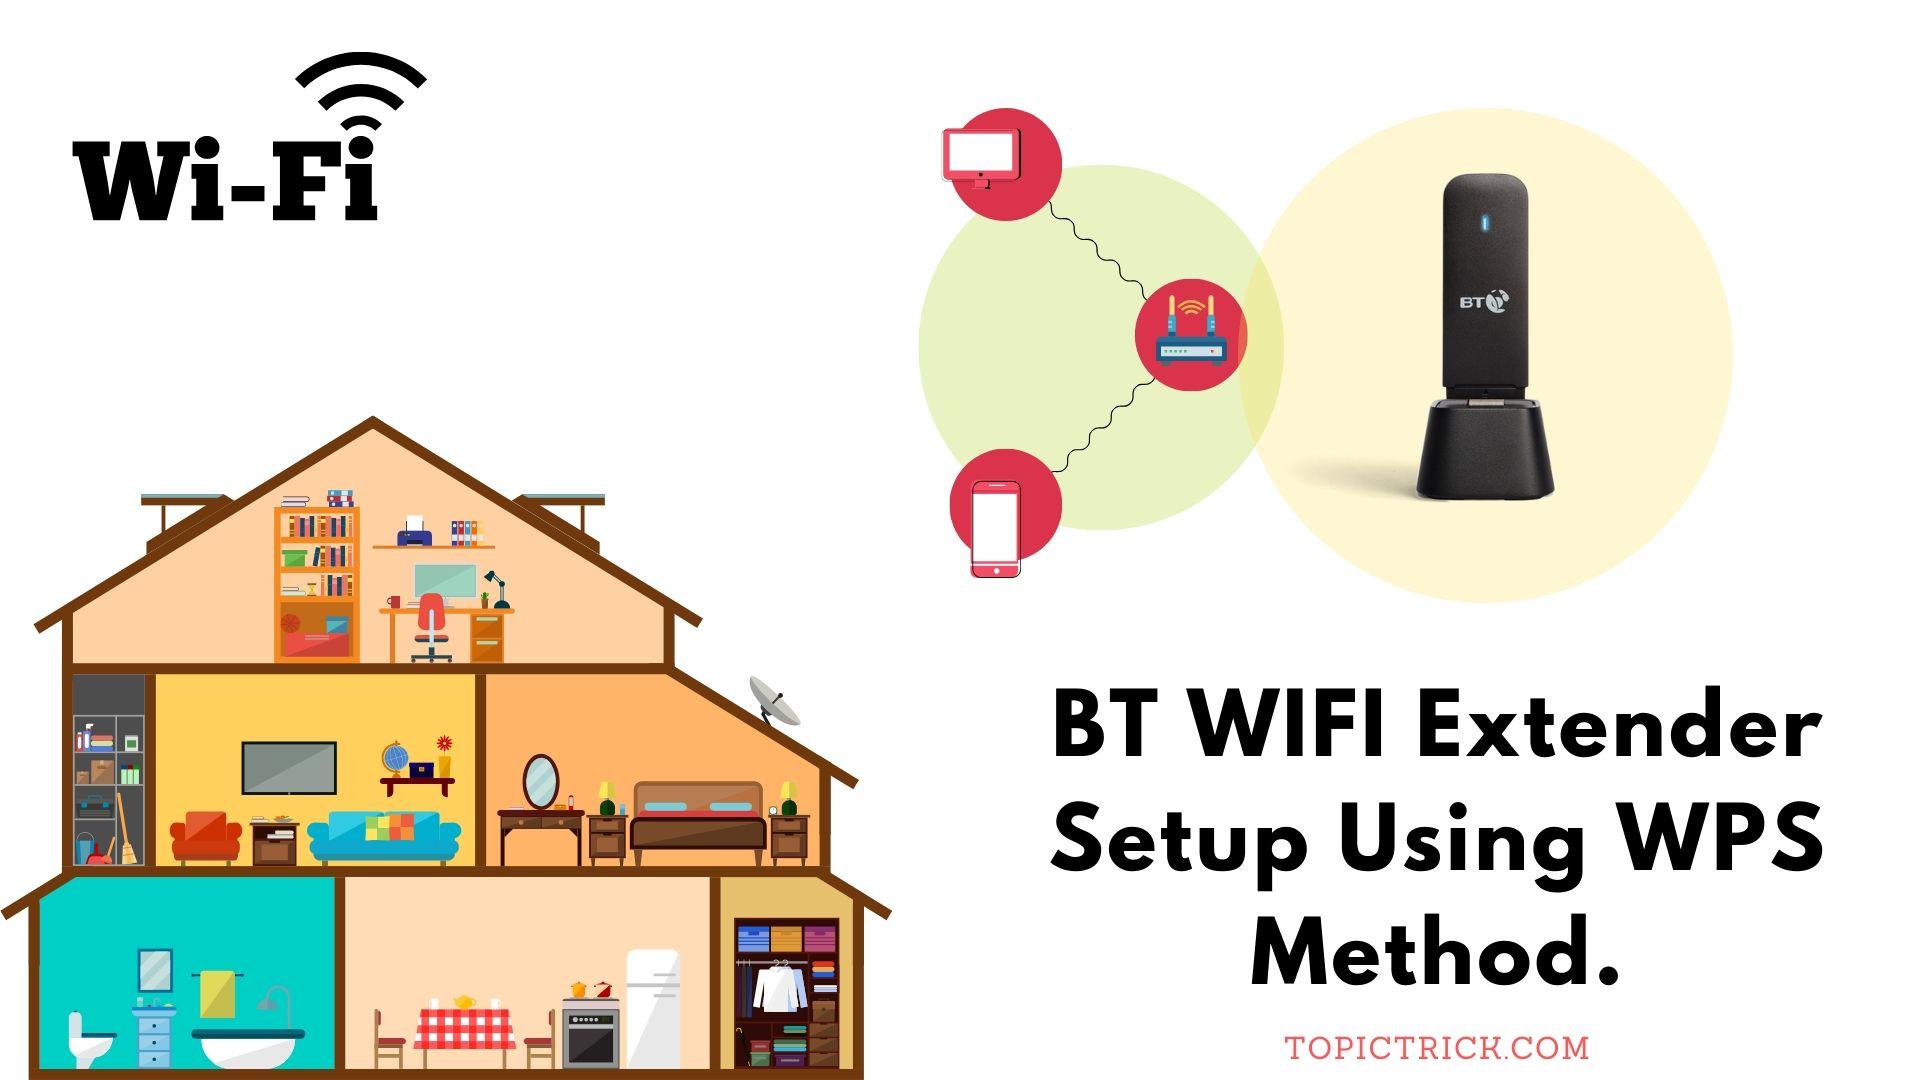 BT Wifi Extender Setup Using WPS Method